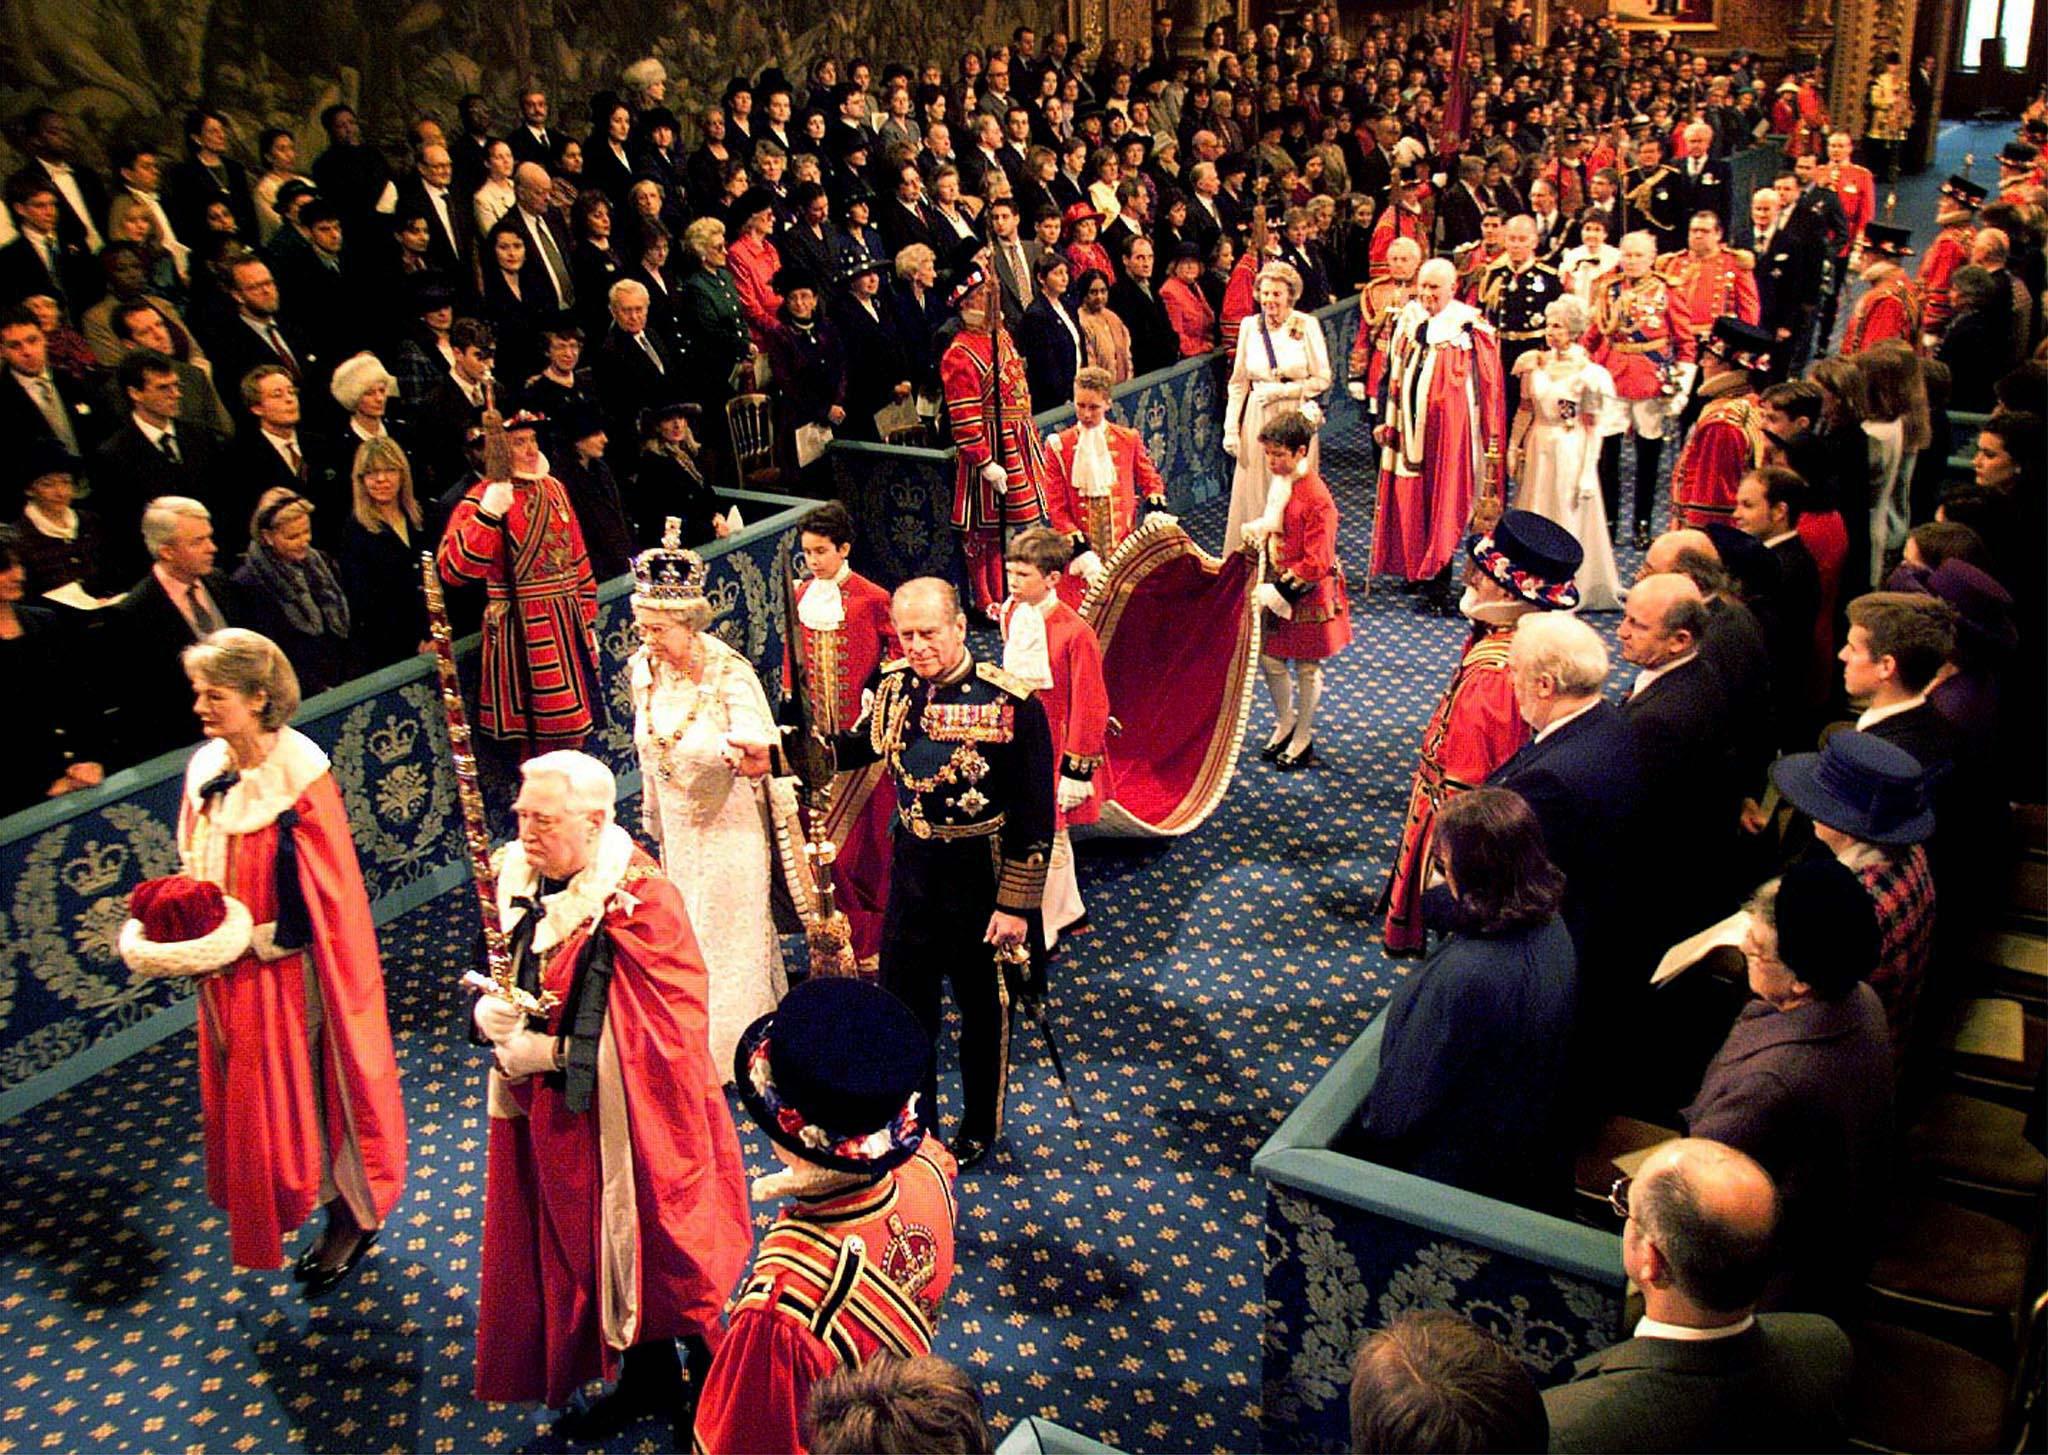 Na cerimónia de abertura do Parlamento britânico em Novembro de 1998